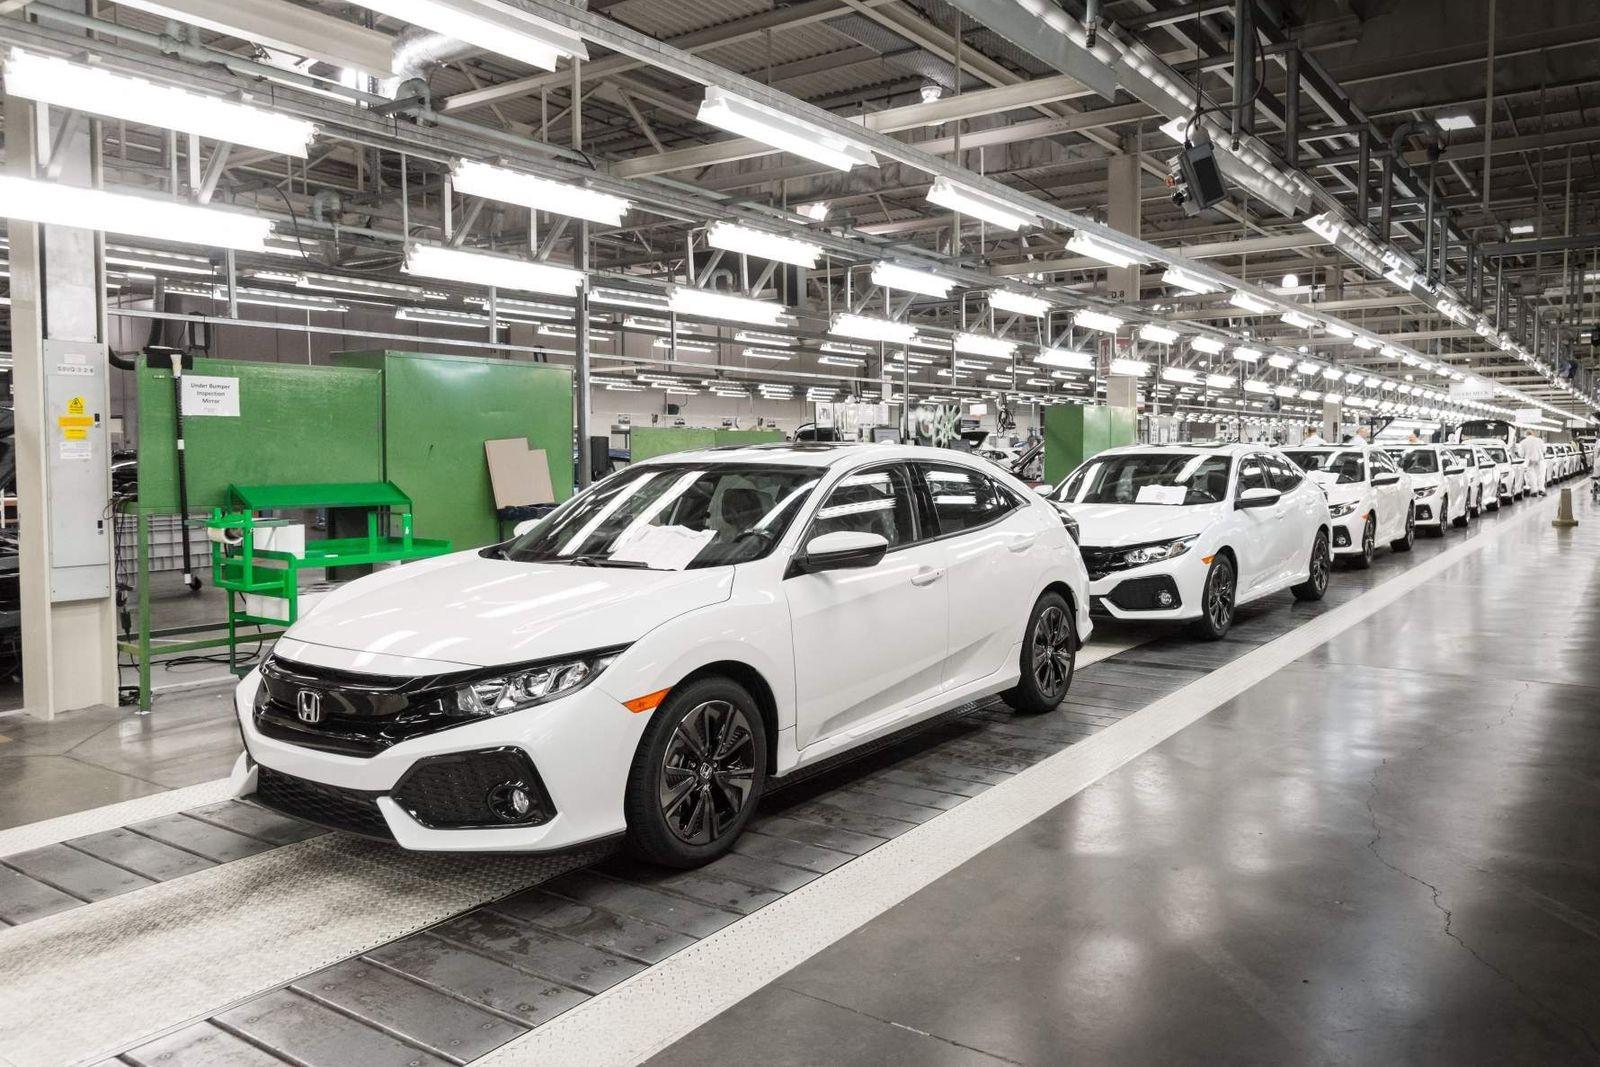 Основную загрузку британскому предприятию Хонды сейчас дают хэчтбеки Civic для американского рынка.